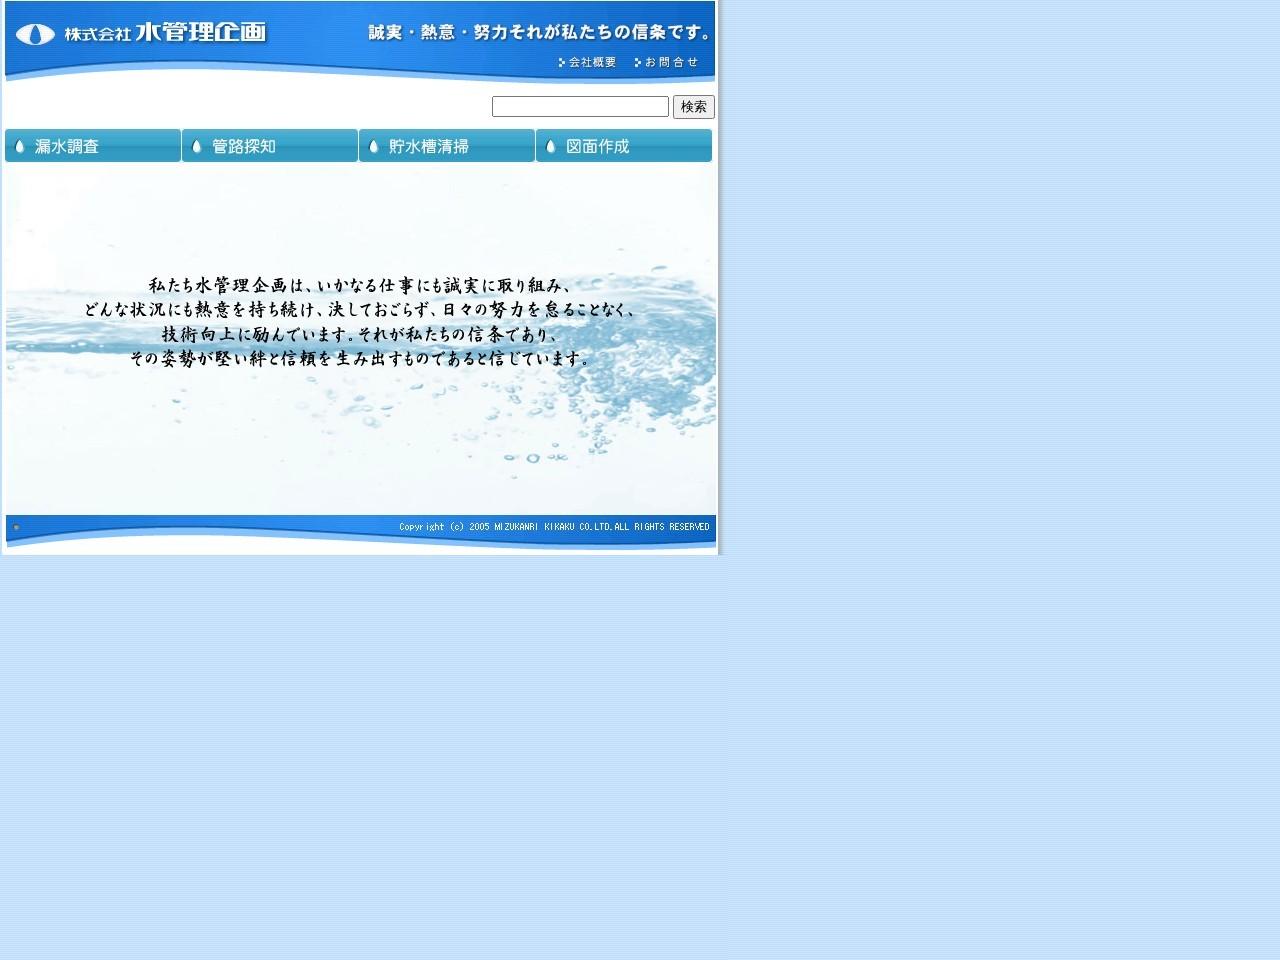 株式会社水管理企画